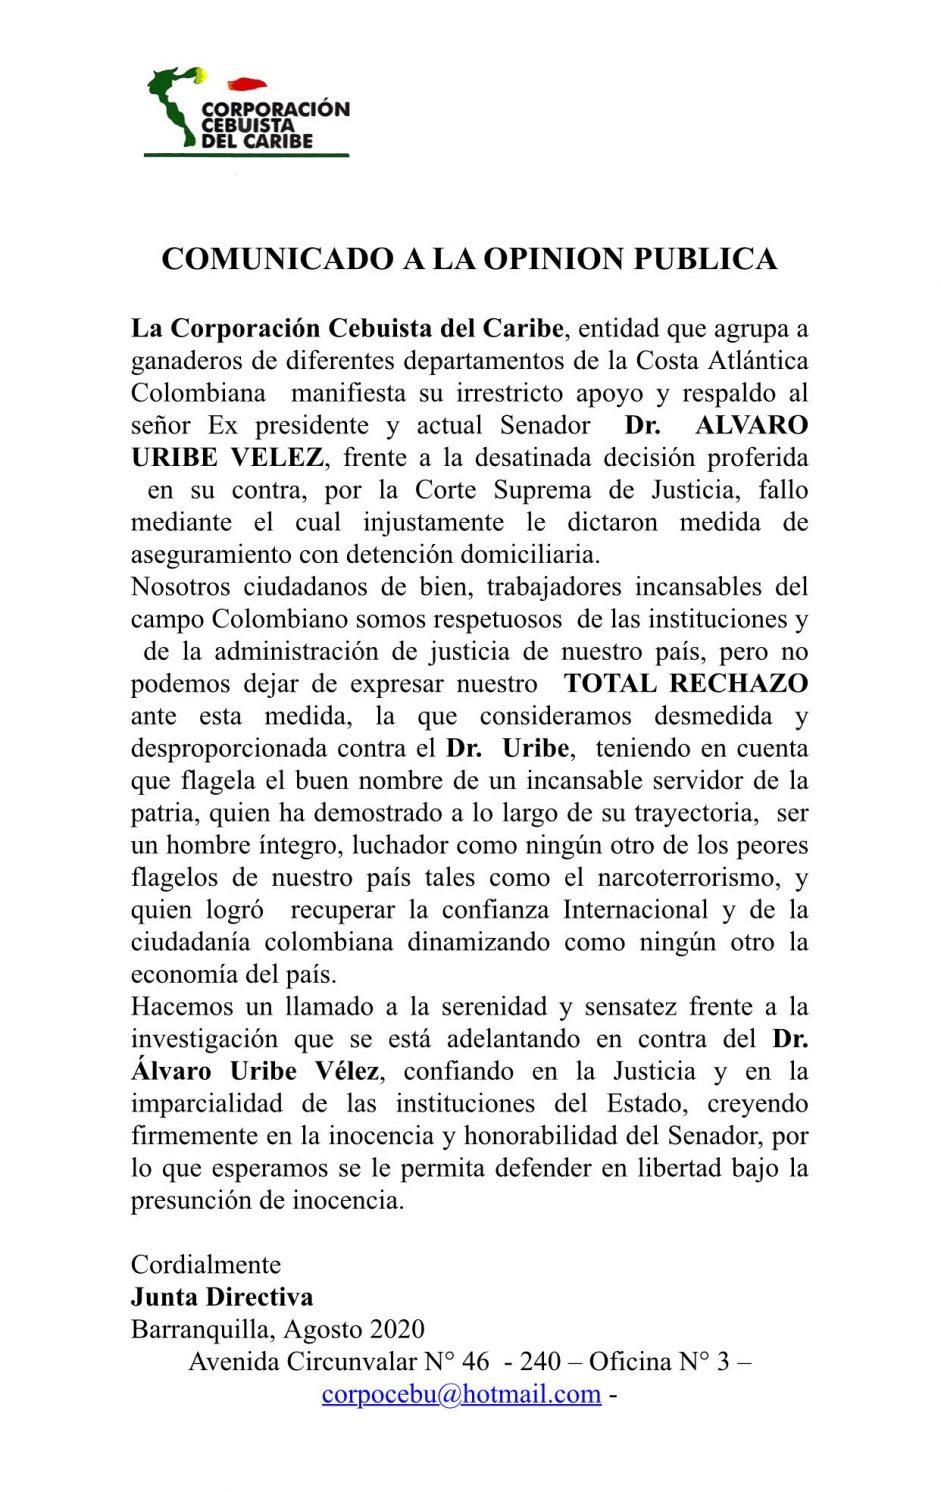 CORPORACIÓN CEBUISTA DEL CARIBE